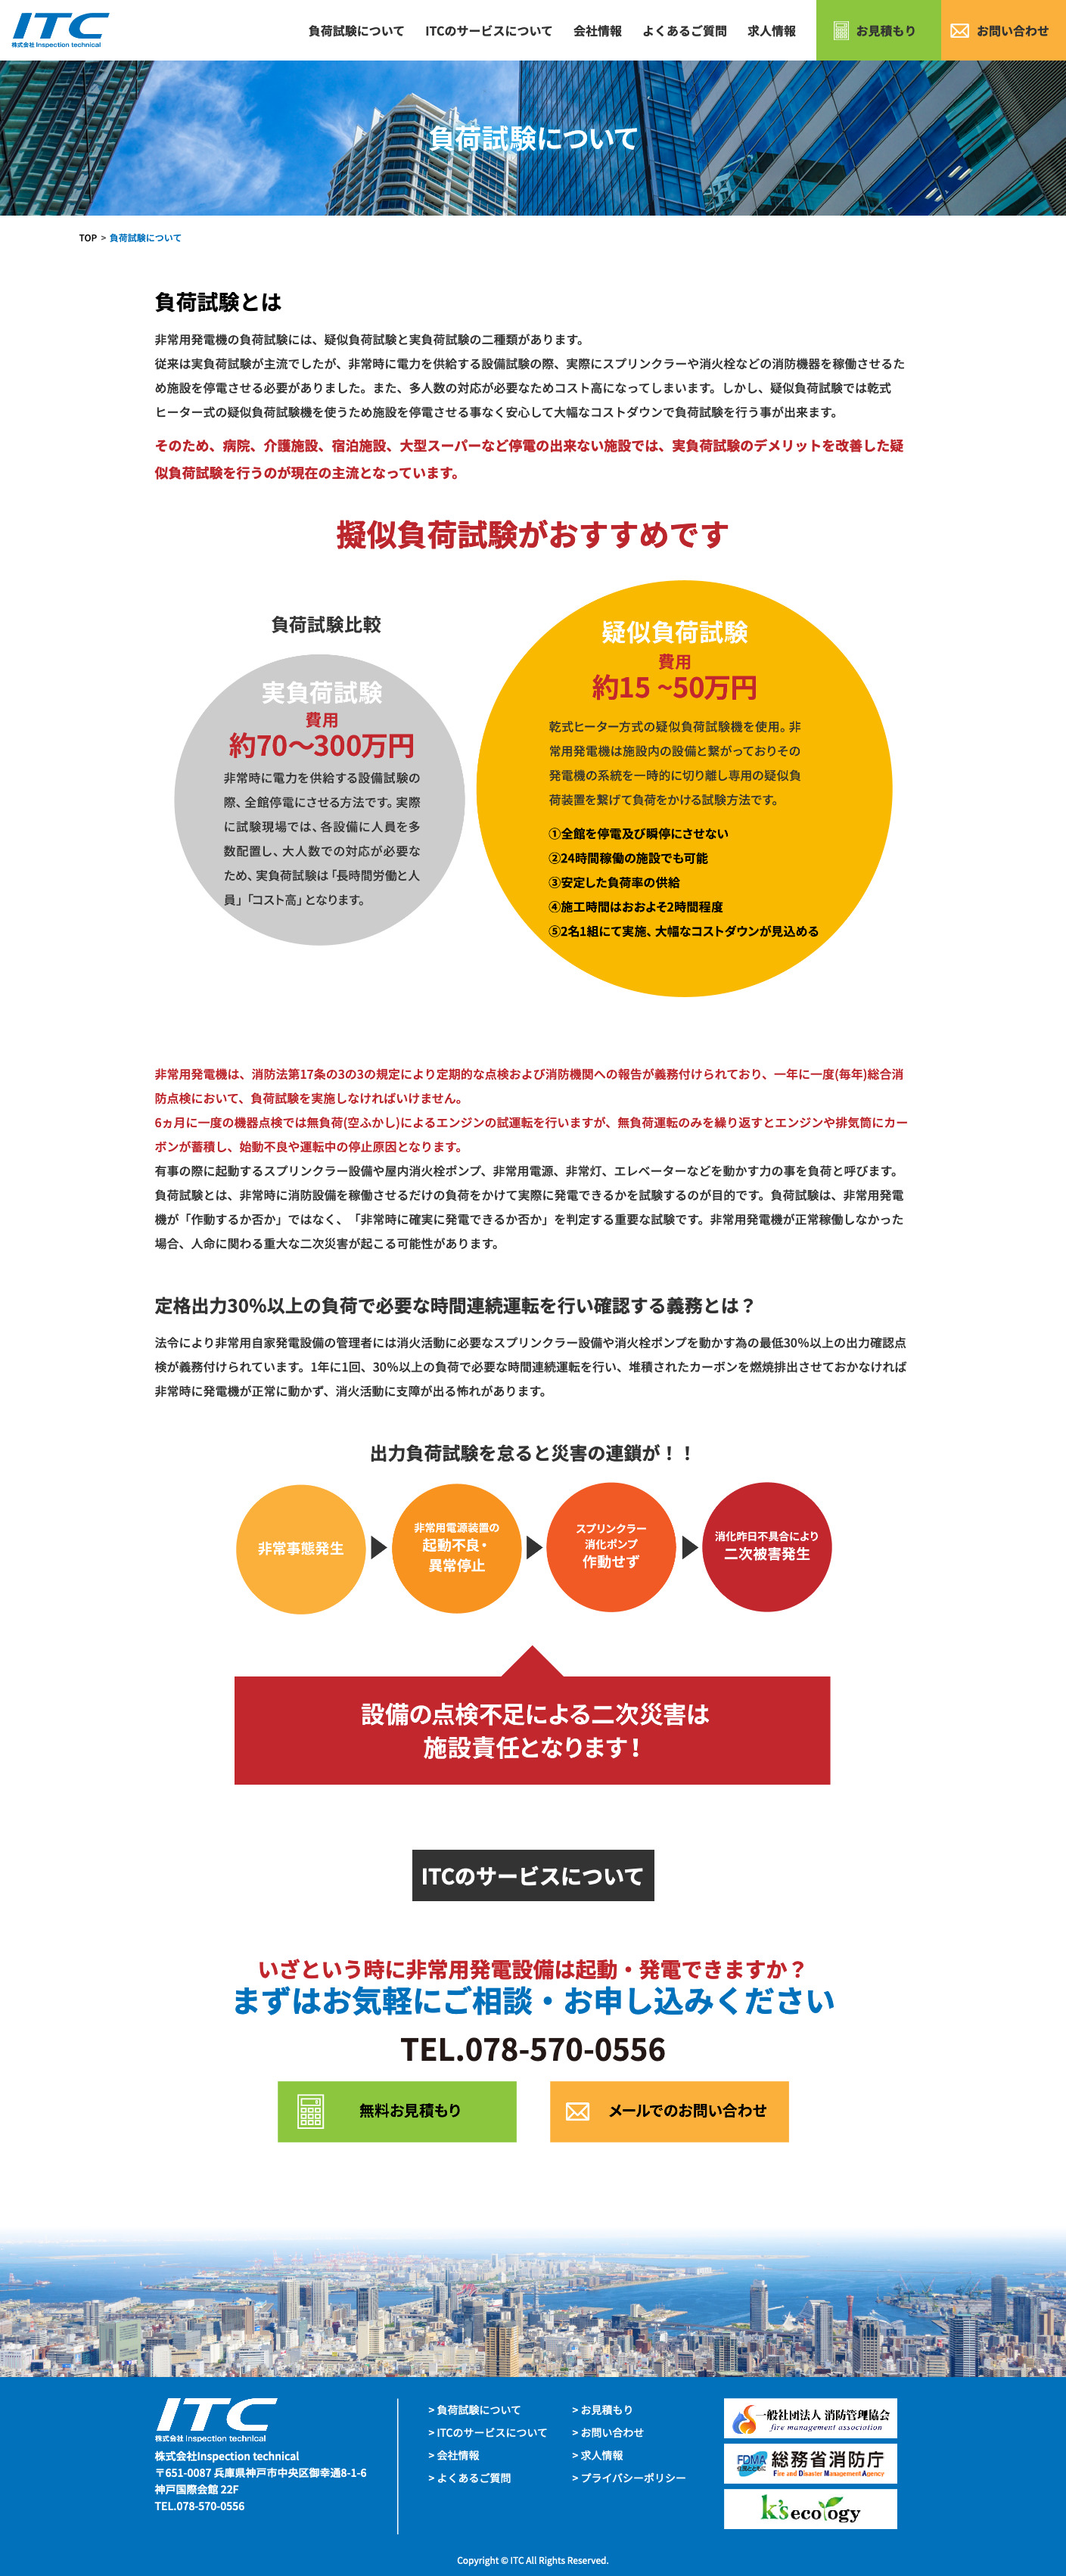 株式会社Inspection technical